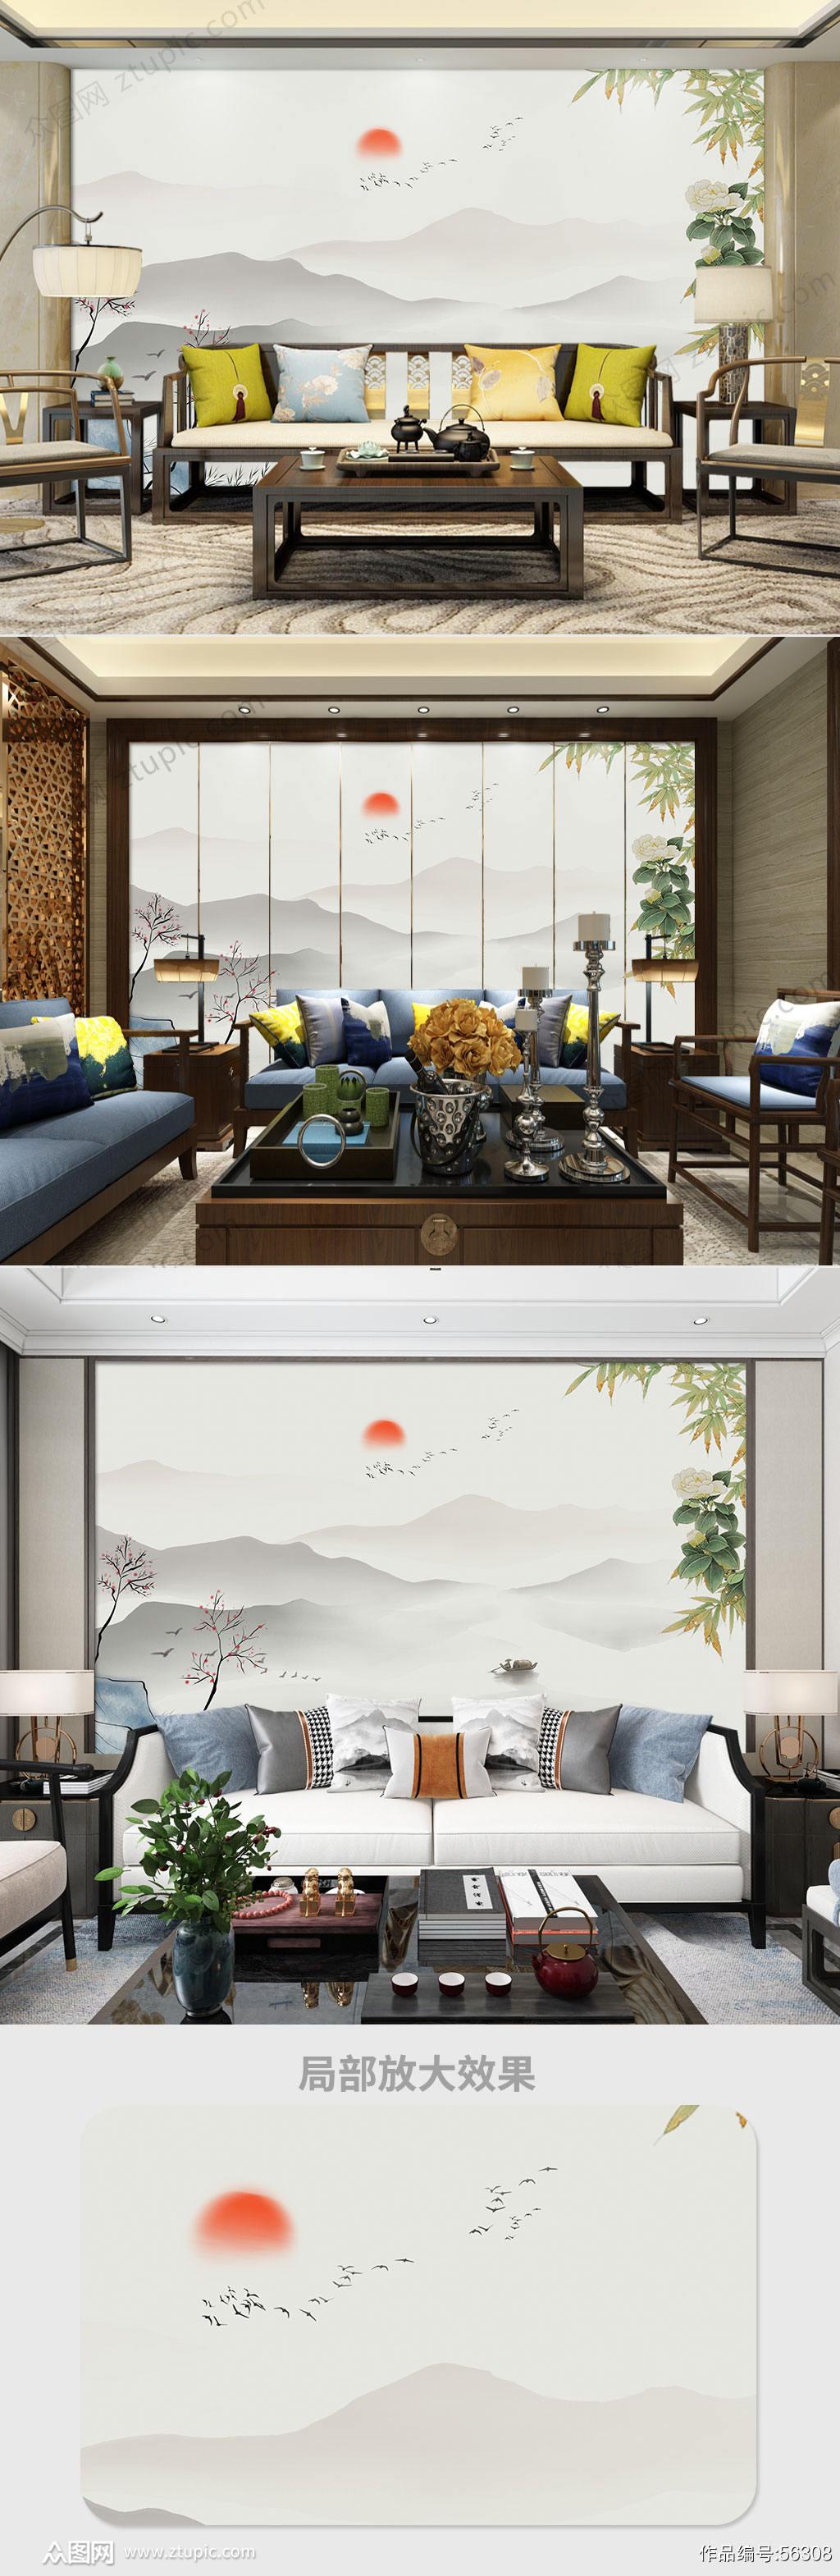 中国风山水背景画素材